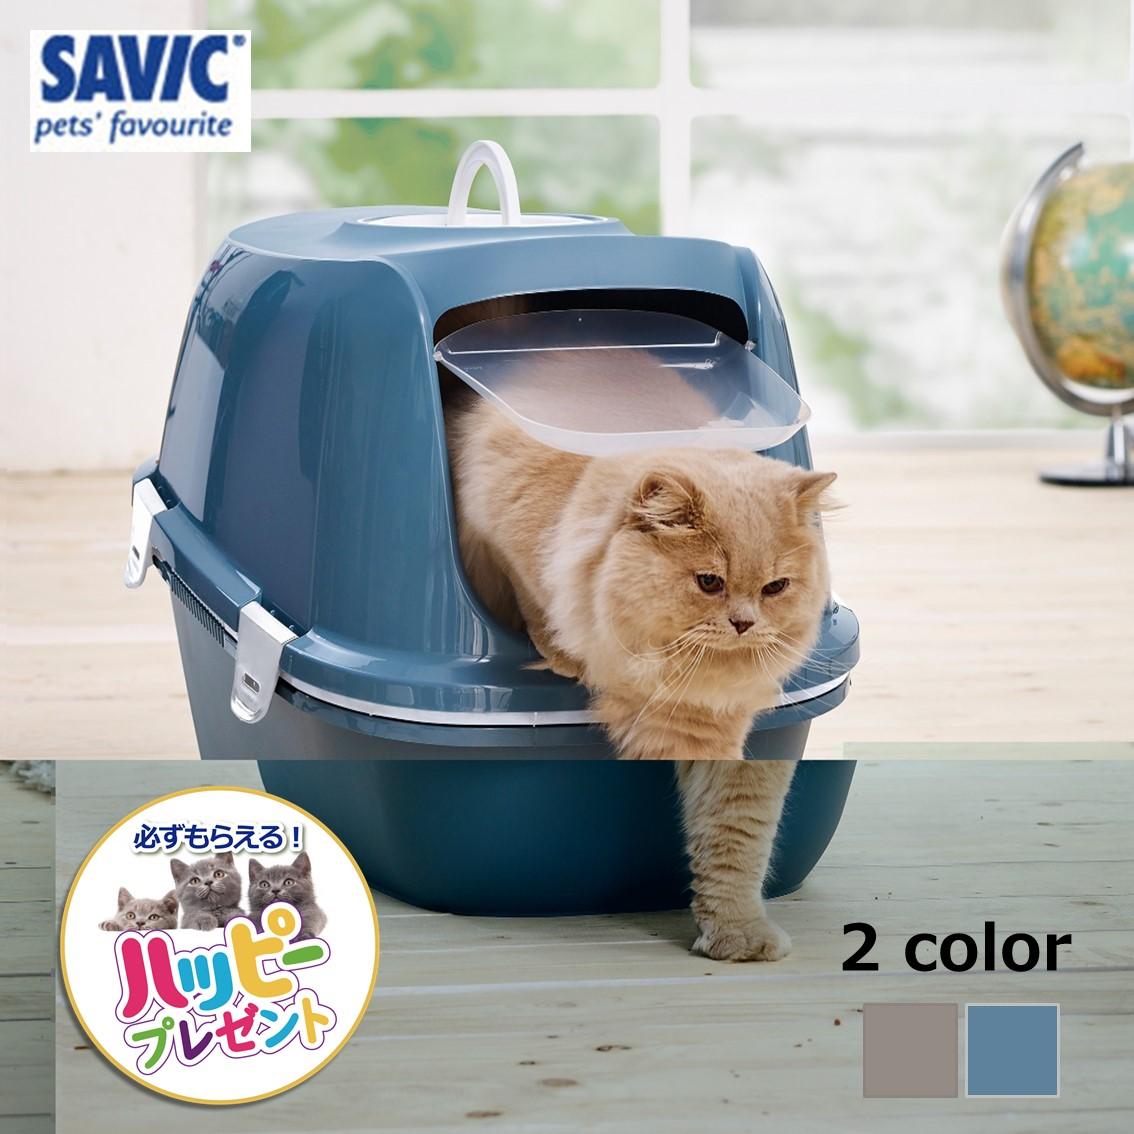 送料無料 猫用品 猫トイレ トレー SAVIC 猫トイレ ネコトイレ メガトレー 大型 フルカバー ドーム型 SAVIC サヴィッチ (SAVIC レイナ シフト ドルフィンブルー)